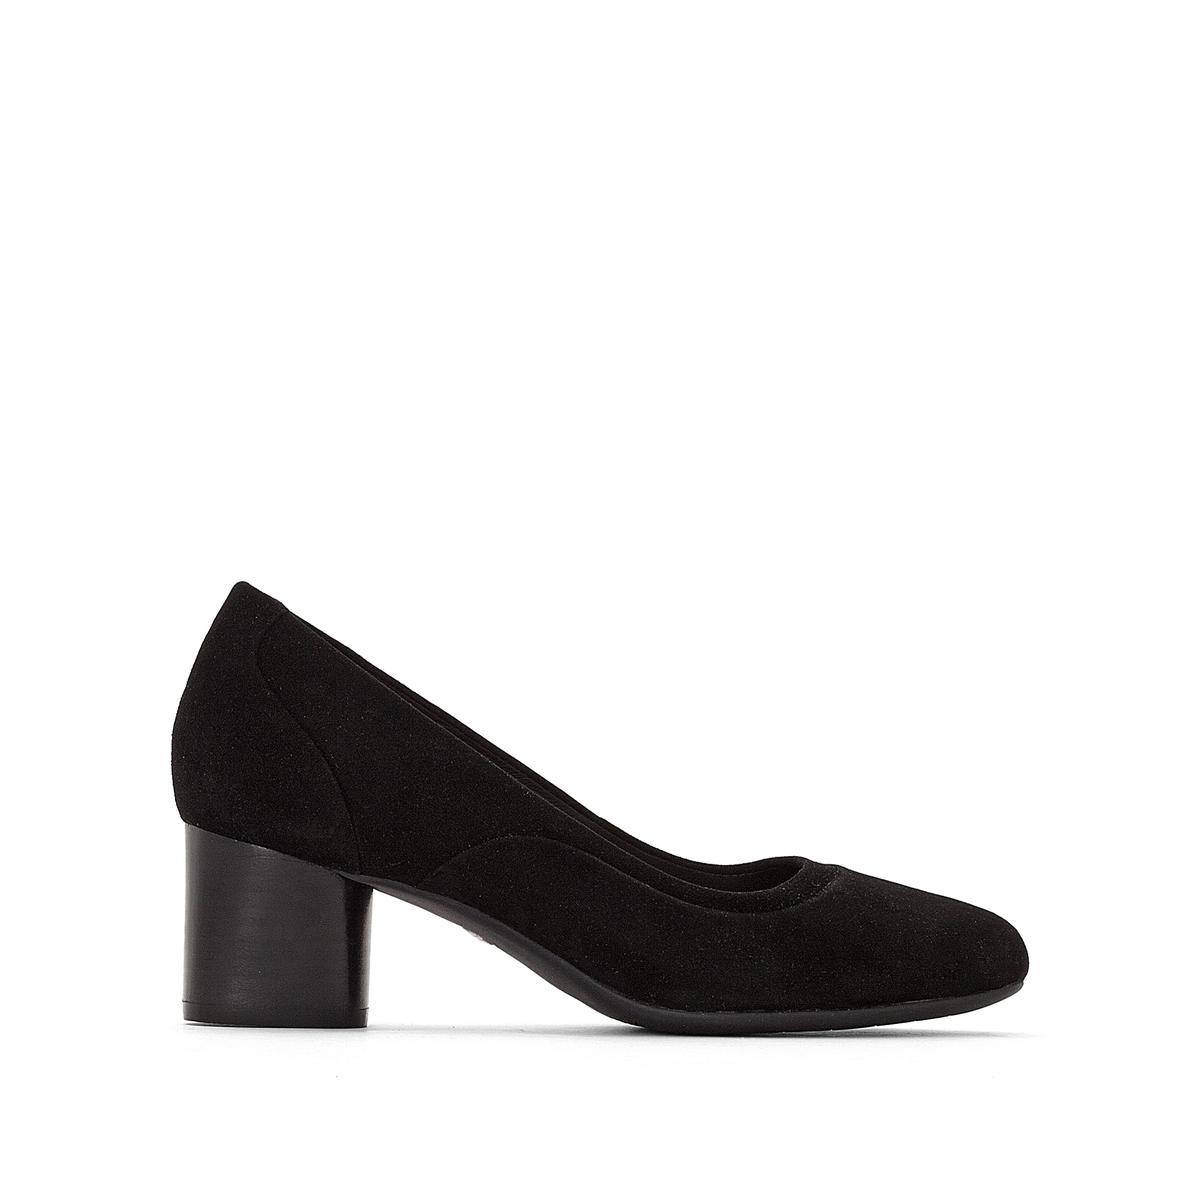 Zapatos de piel aterciopelada con tacón Un Cosmo Step